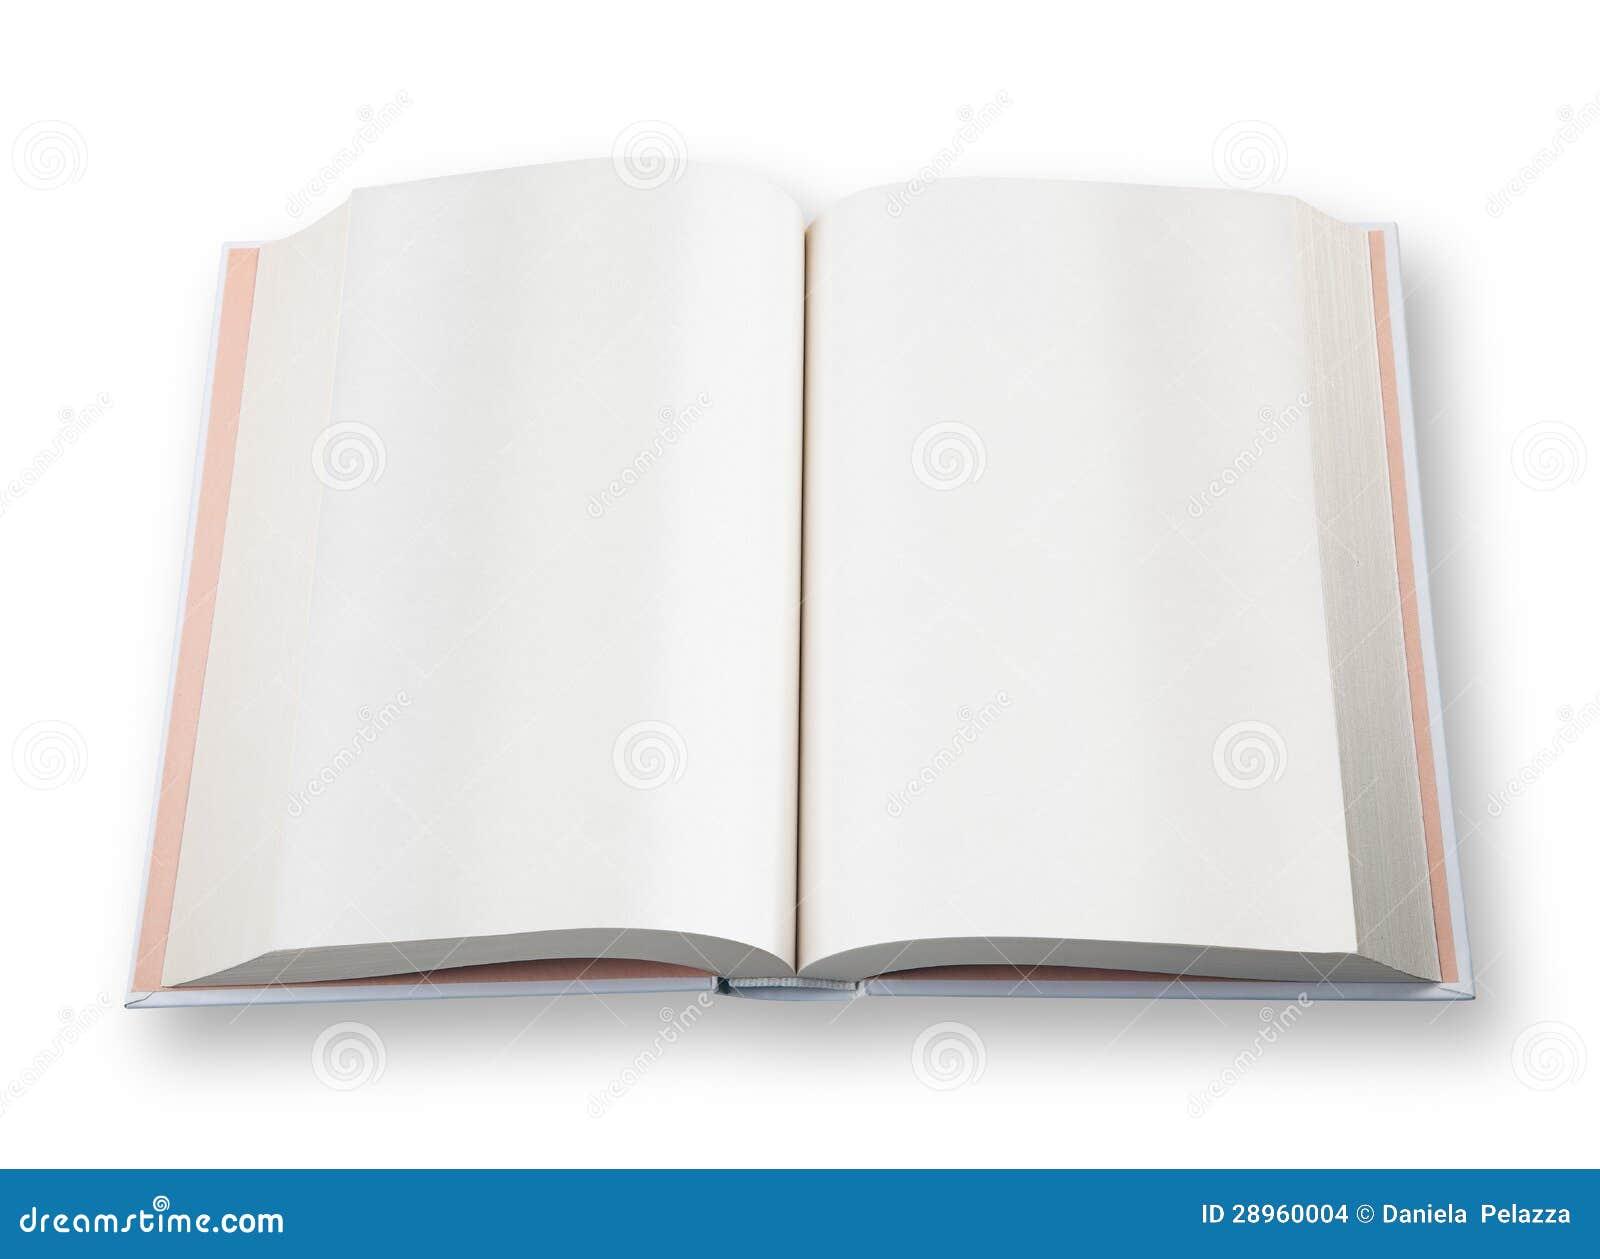 Otwiera książkę.